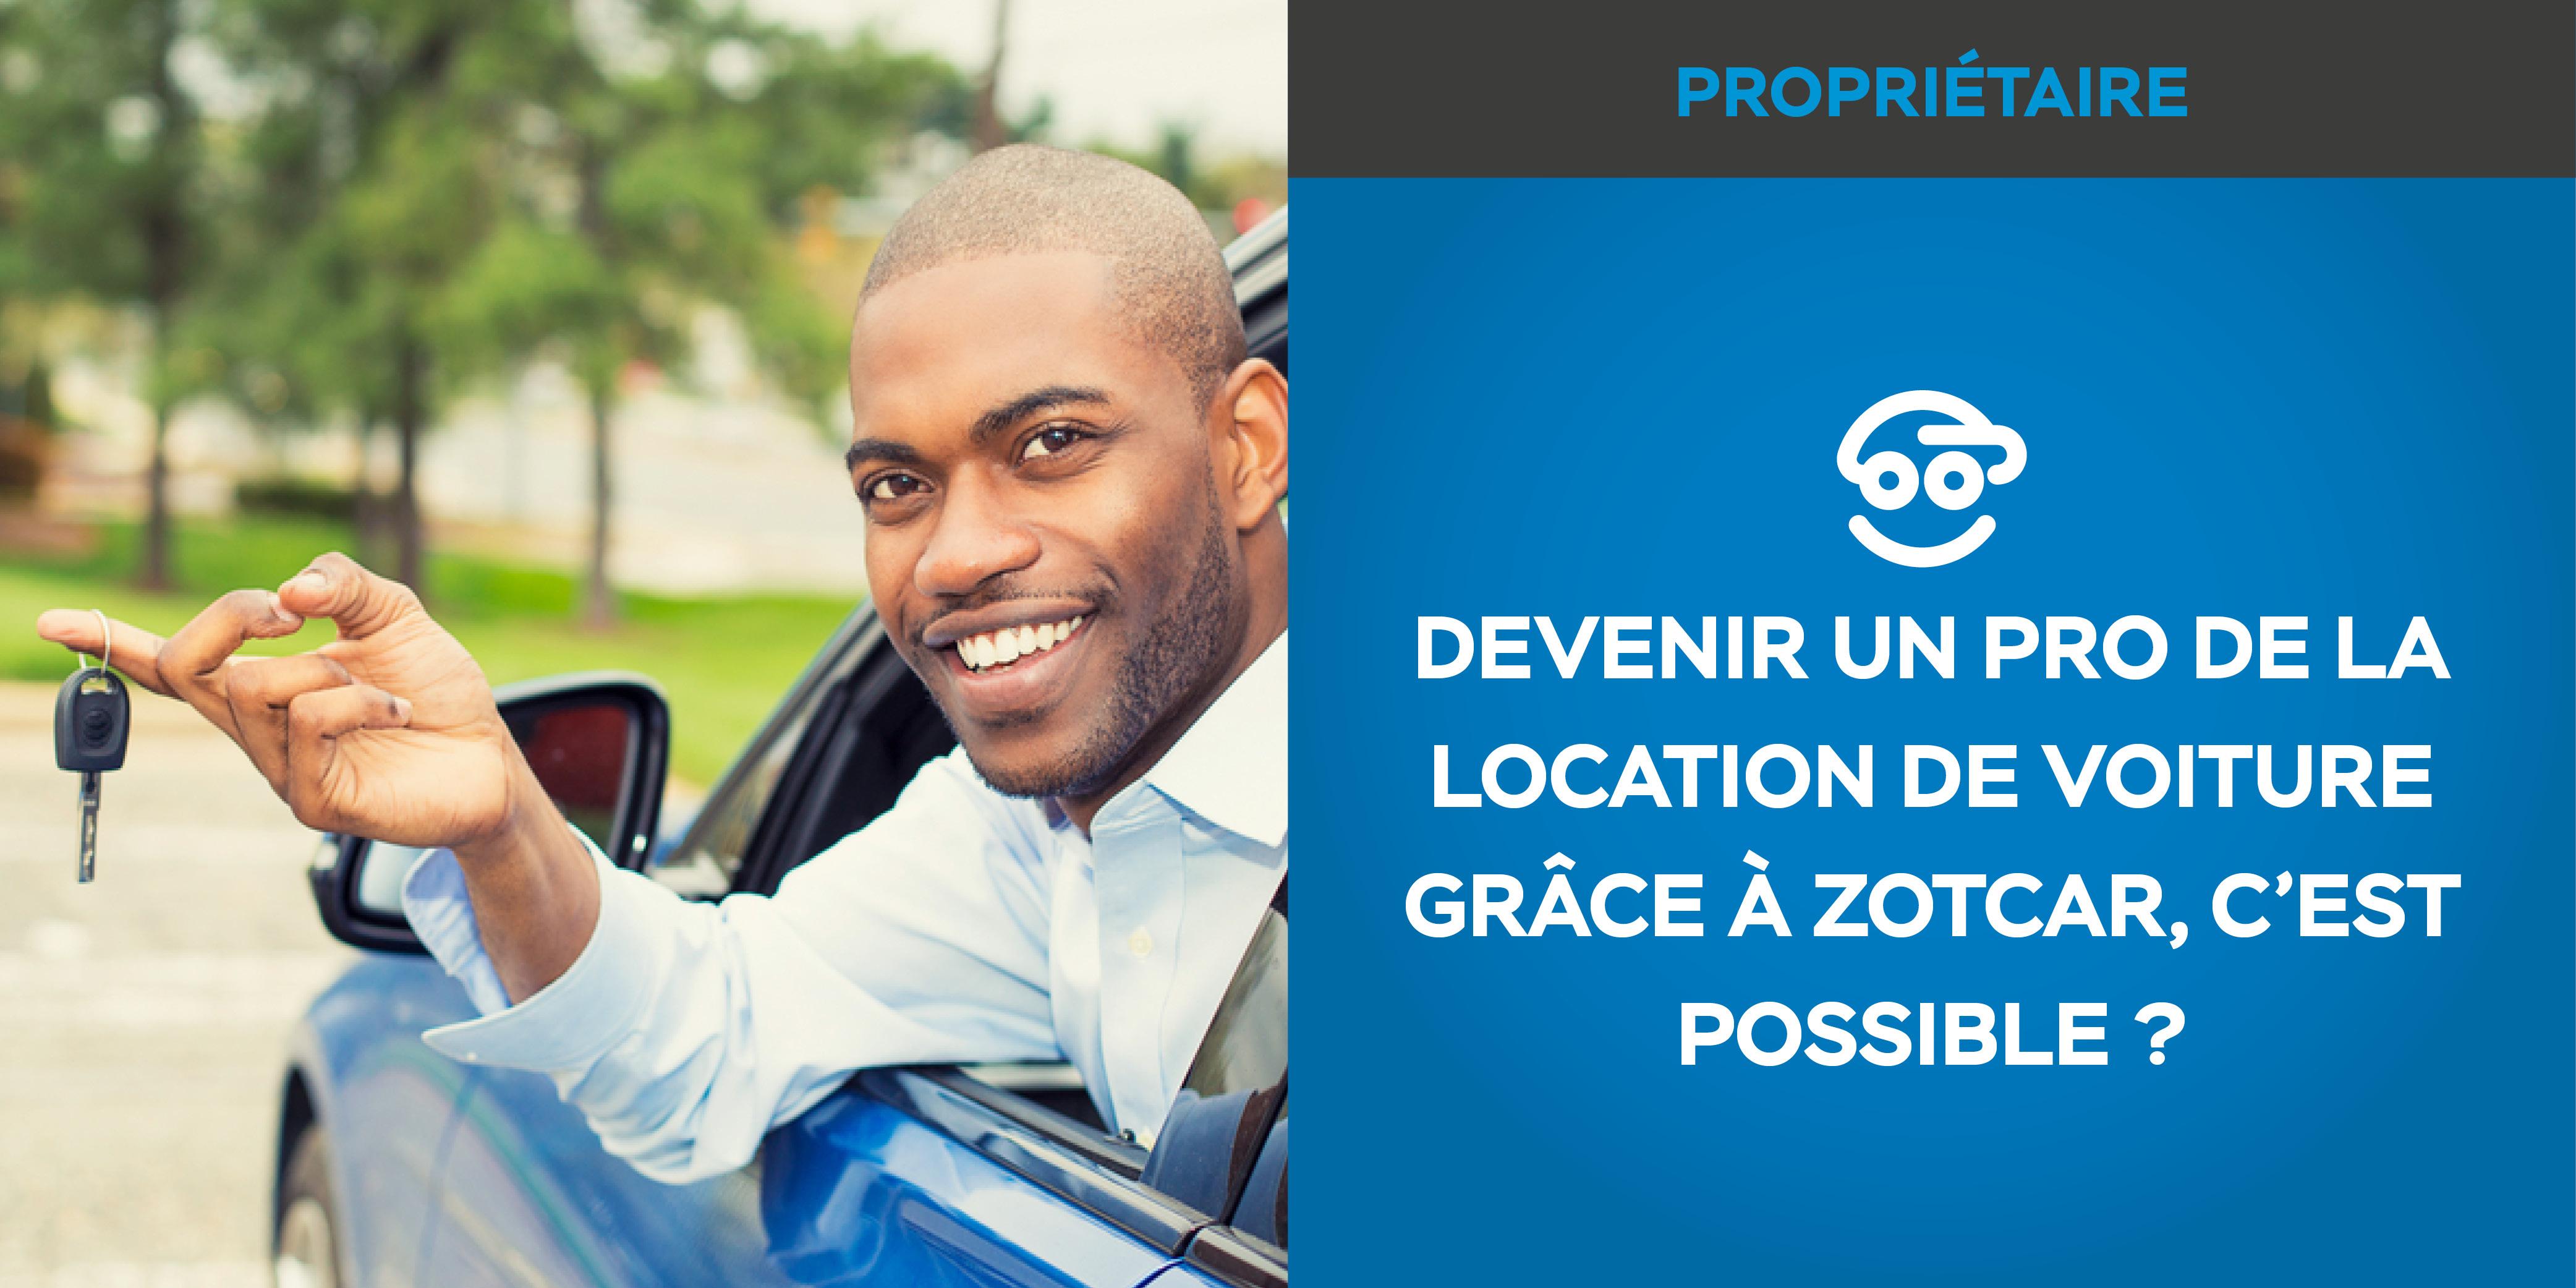 Devenir un professionnel de la location de voiture grâce à Zotcar, c'est possible ?